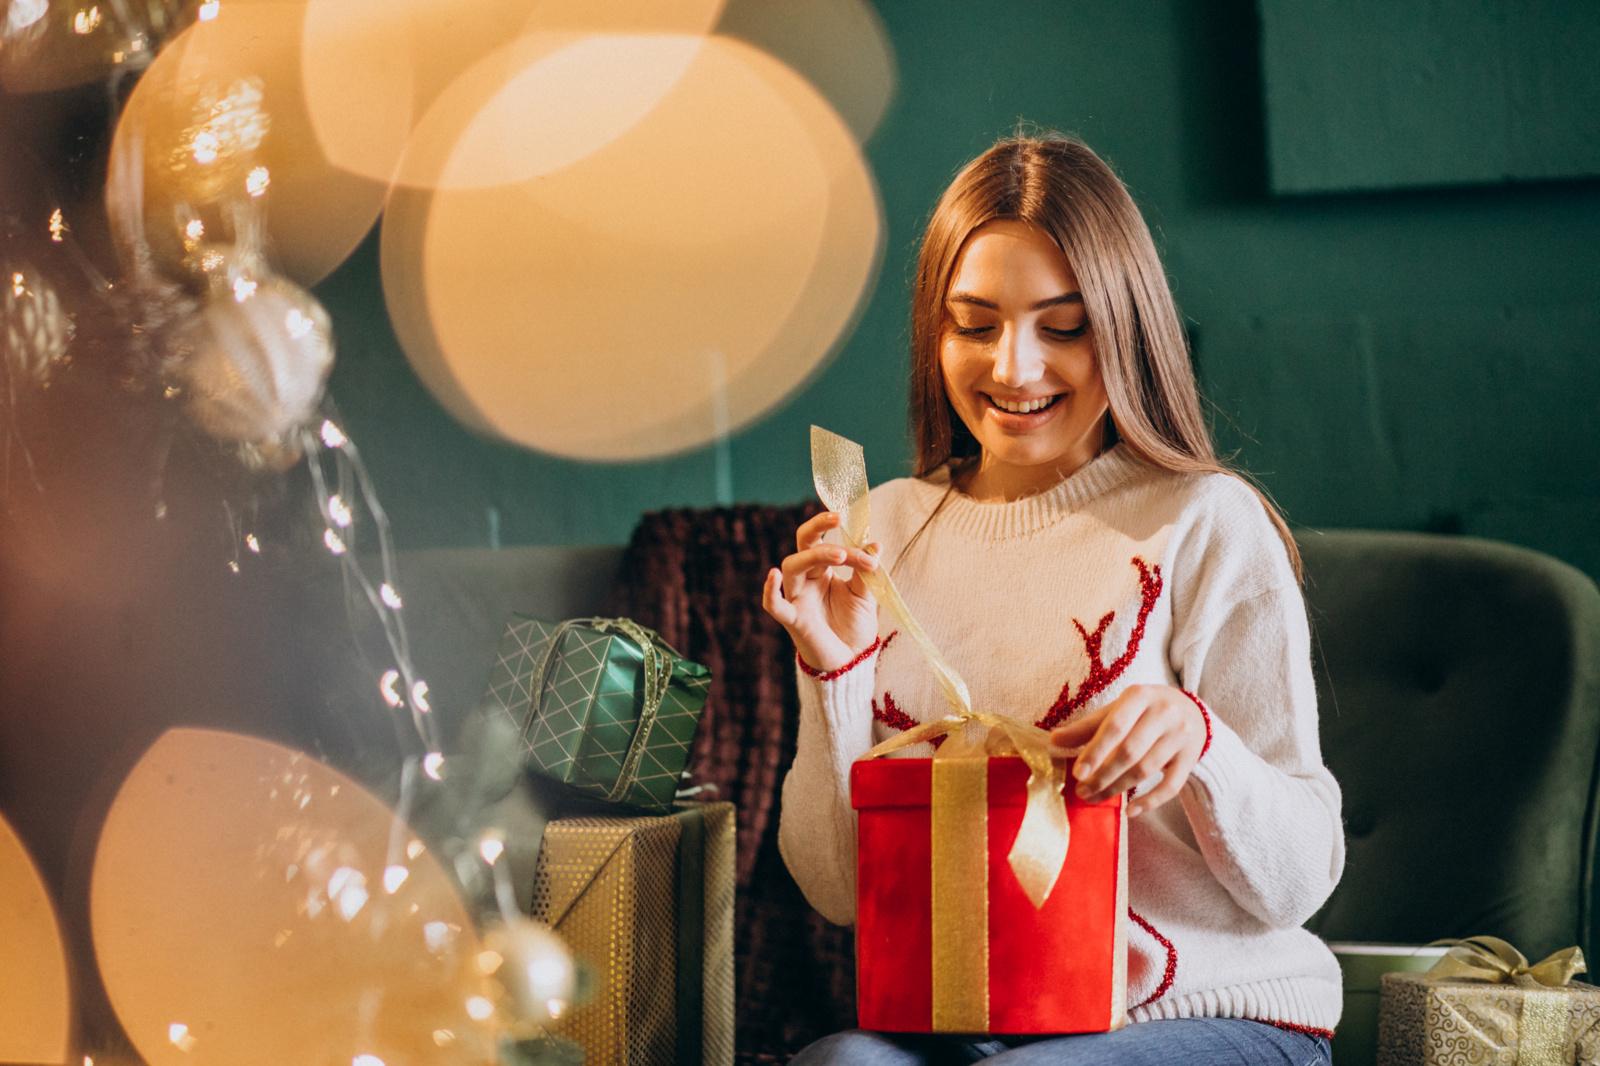 Tyrimas atskleidė, kur lietuviai dažniausiai perka Kalėdų dovanas